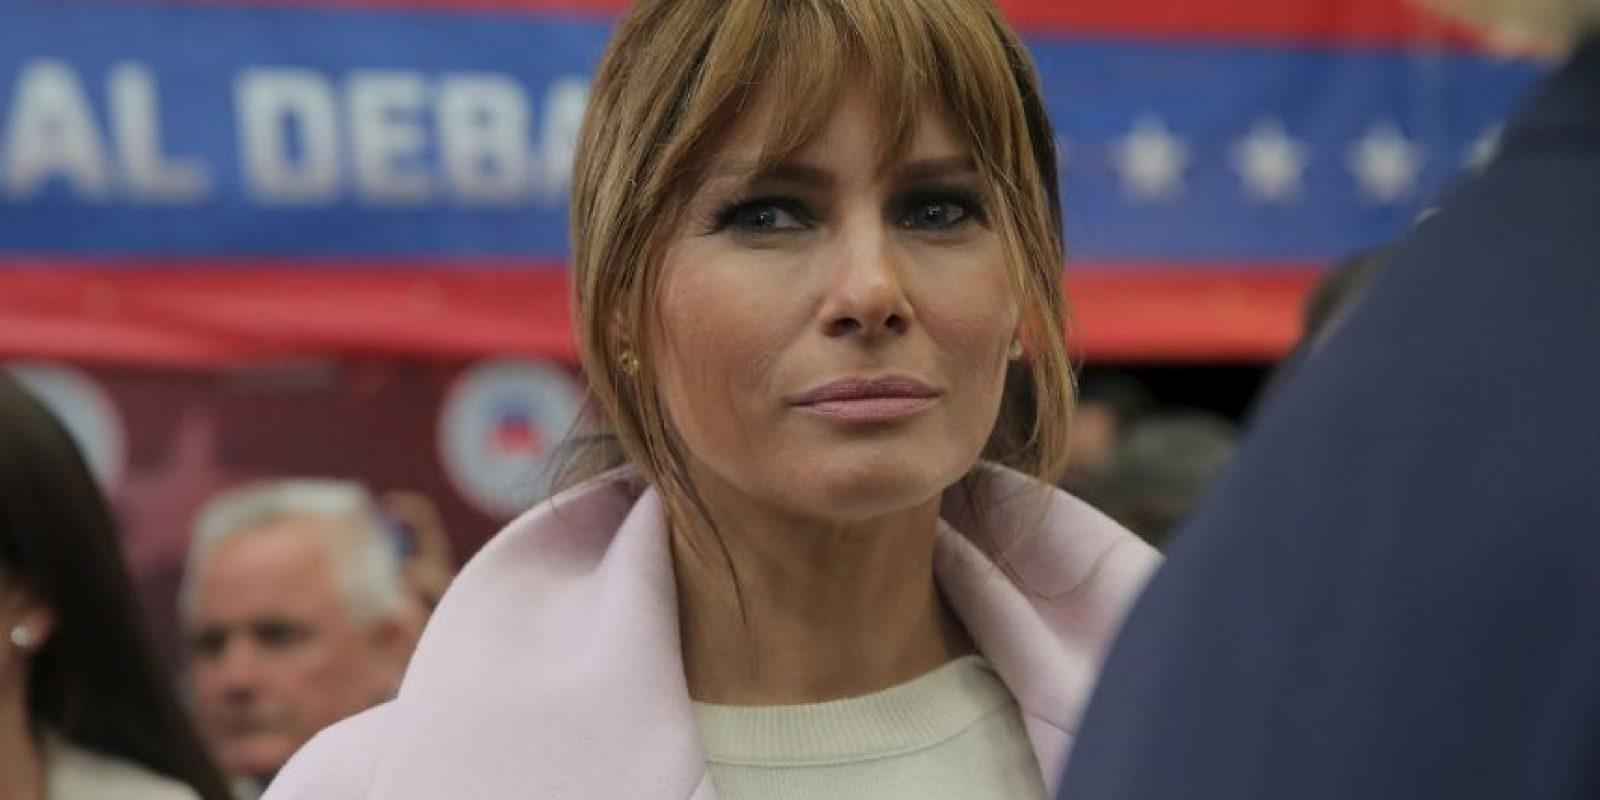 Melania Knauss-Trump nació el 26 de abril de 1970 Foto:Getty Images